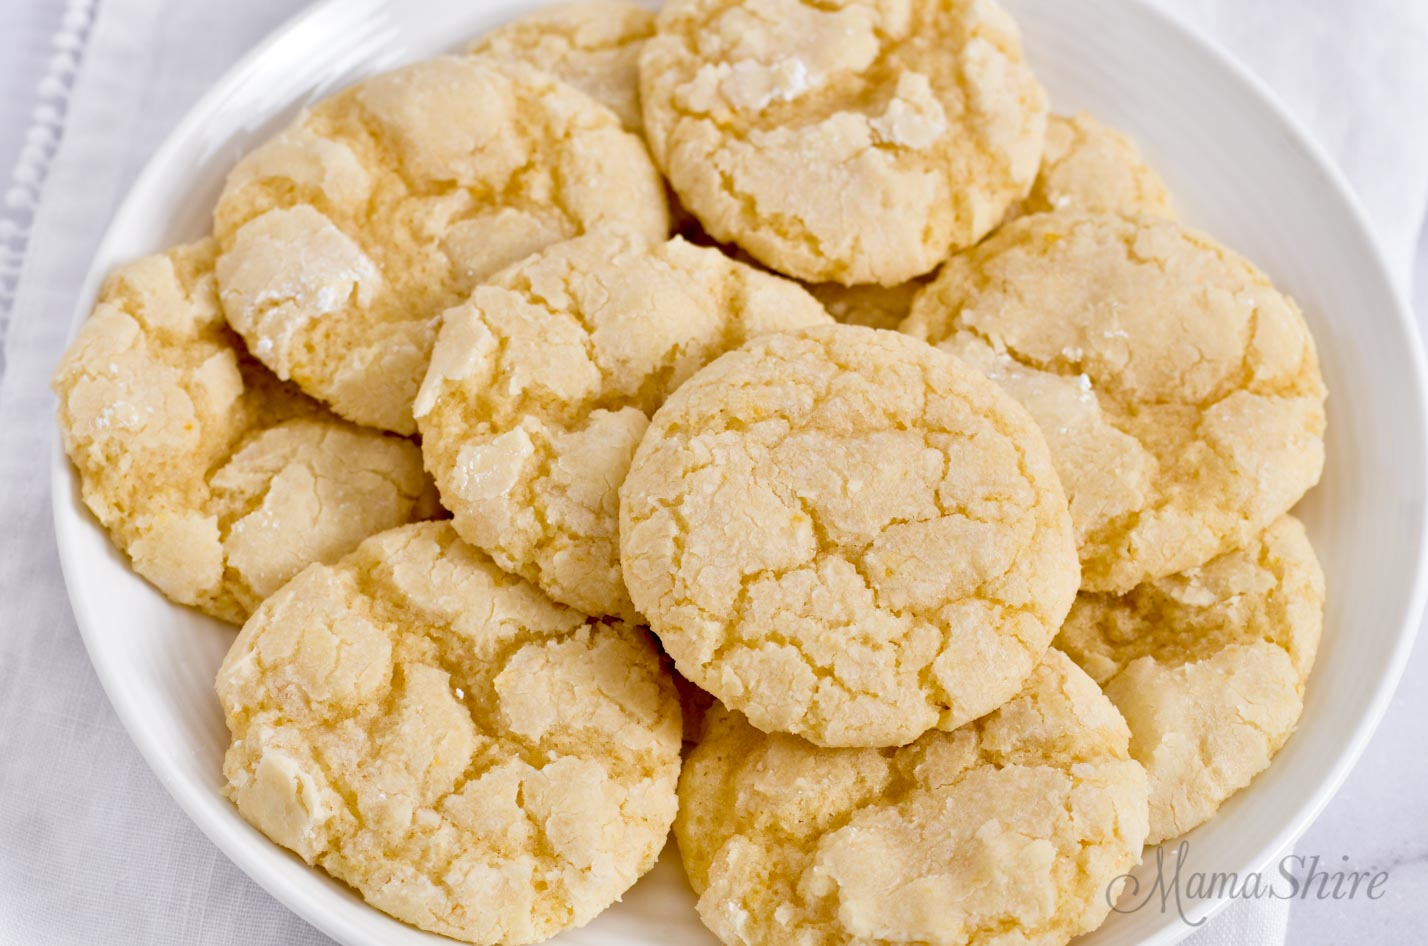 Gluten-free lemon crinkle cookies.